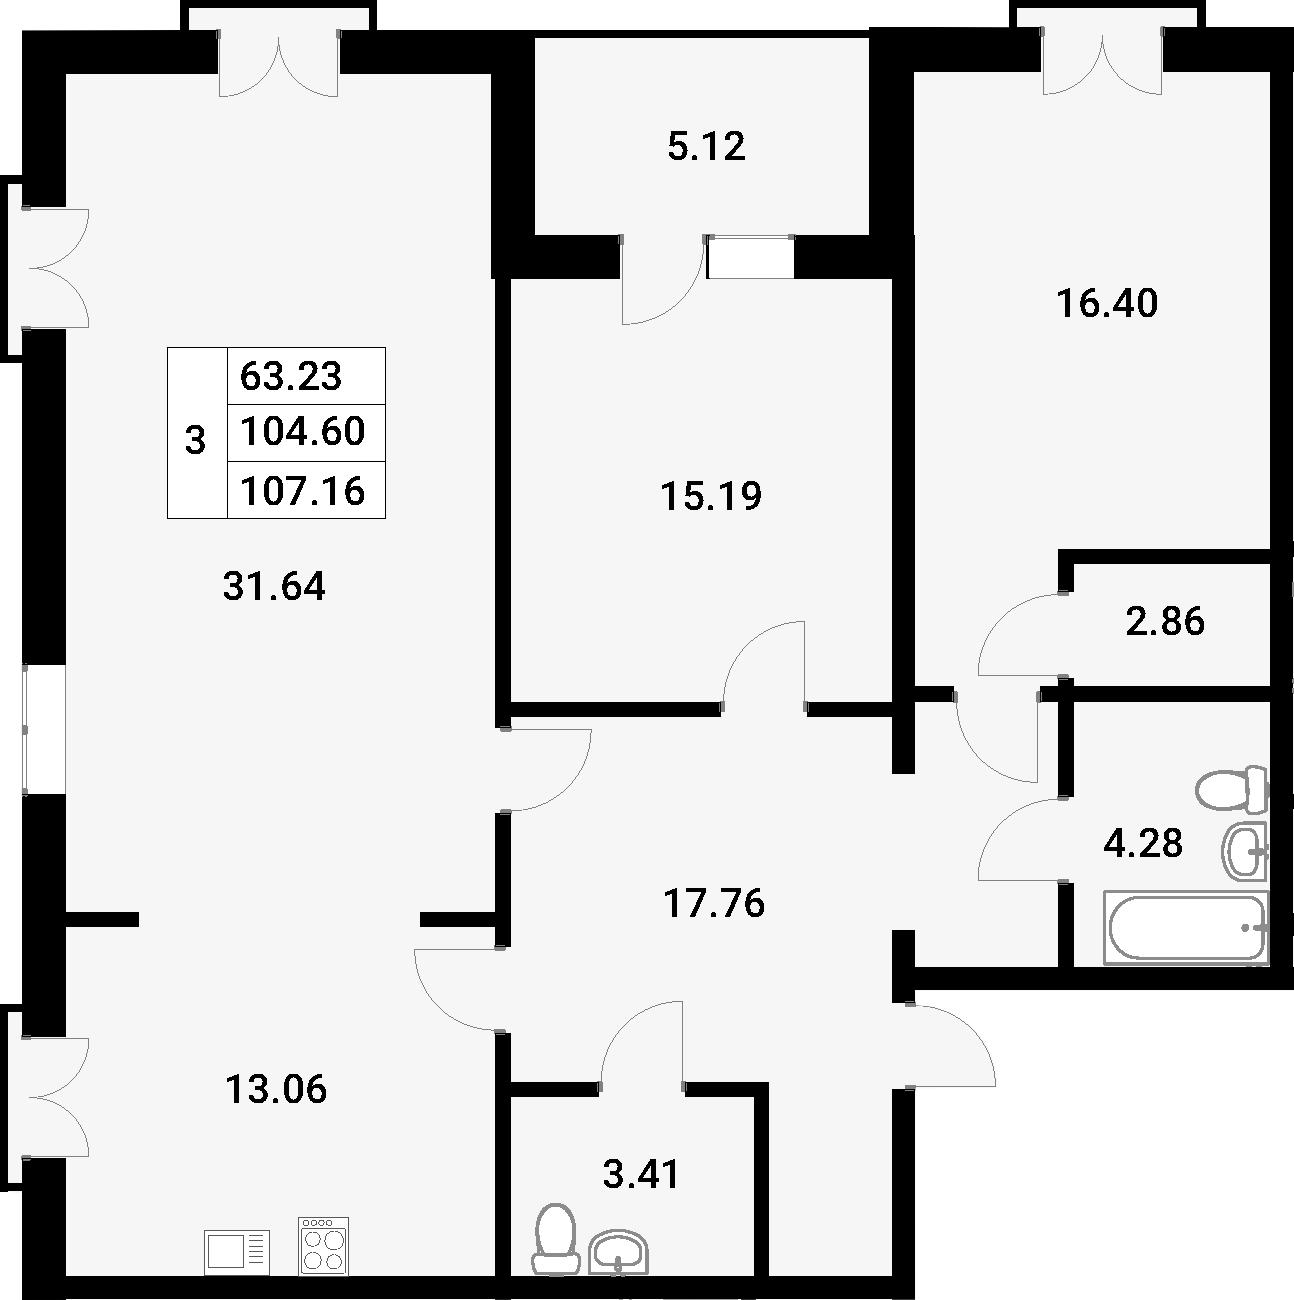 3-к.кв, 107.16 м², 3 этаж